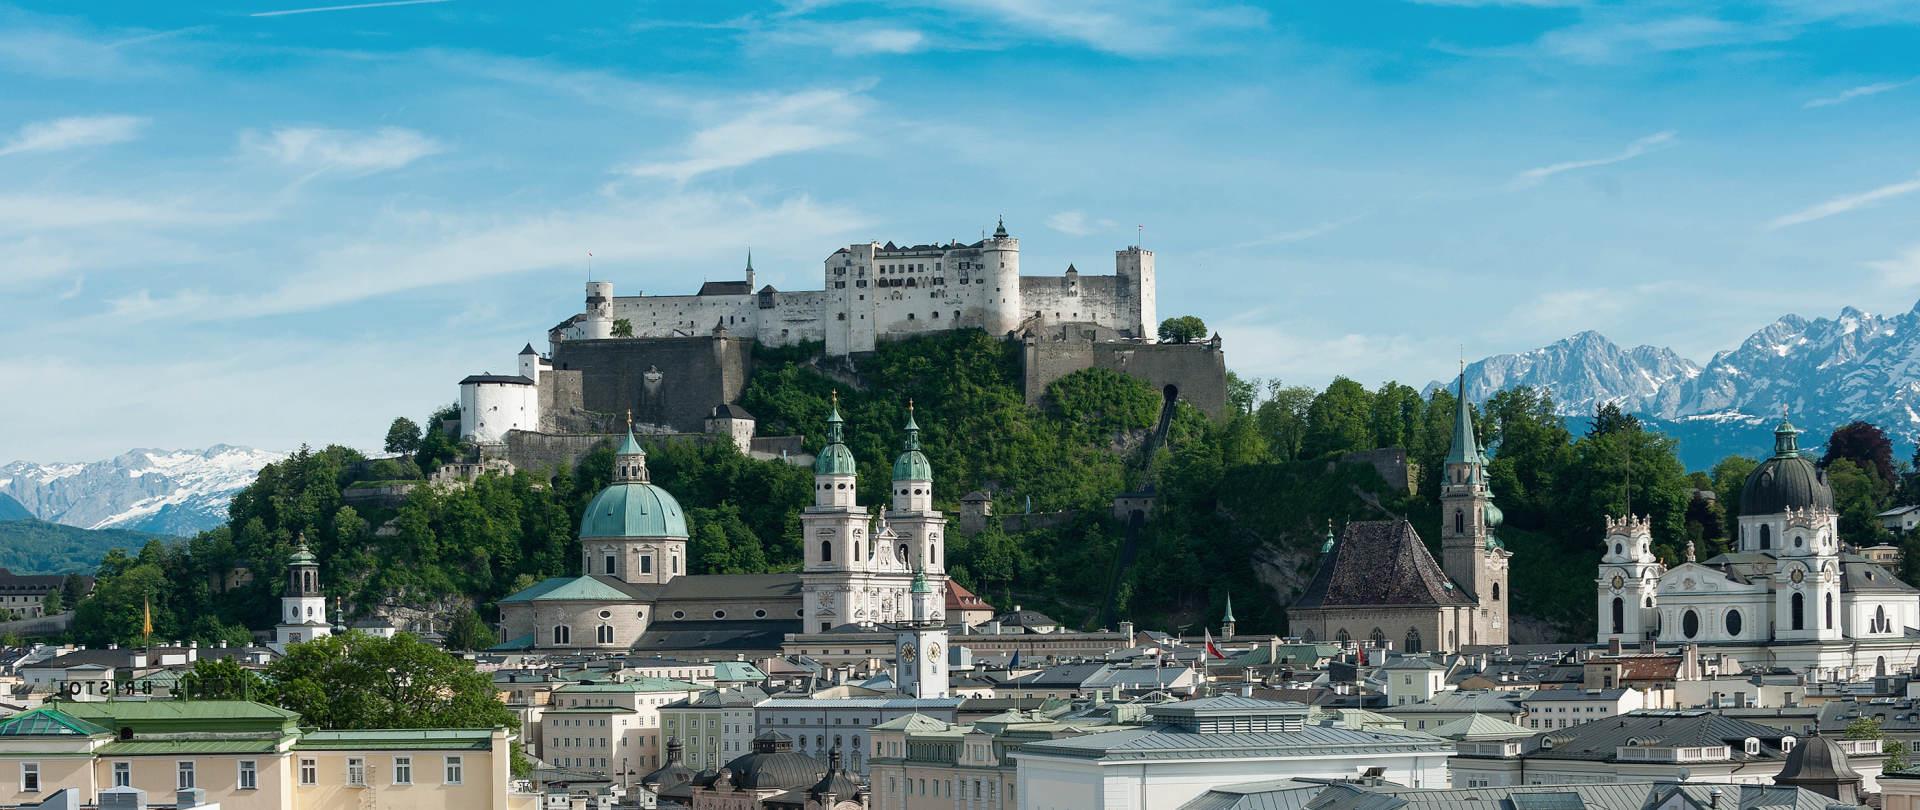 https://images.panoramatours.com/pt/focus/46/33/1920/810/user_upload/Sehenswuerdigkeiten/Salzburg/Salzburg_-_Stadtansicht_mit_Festung_Hohensalzburg_1__c__Tourismus_Salzburg.jpg